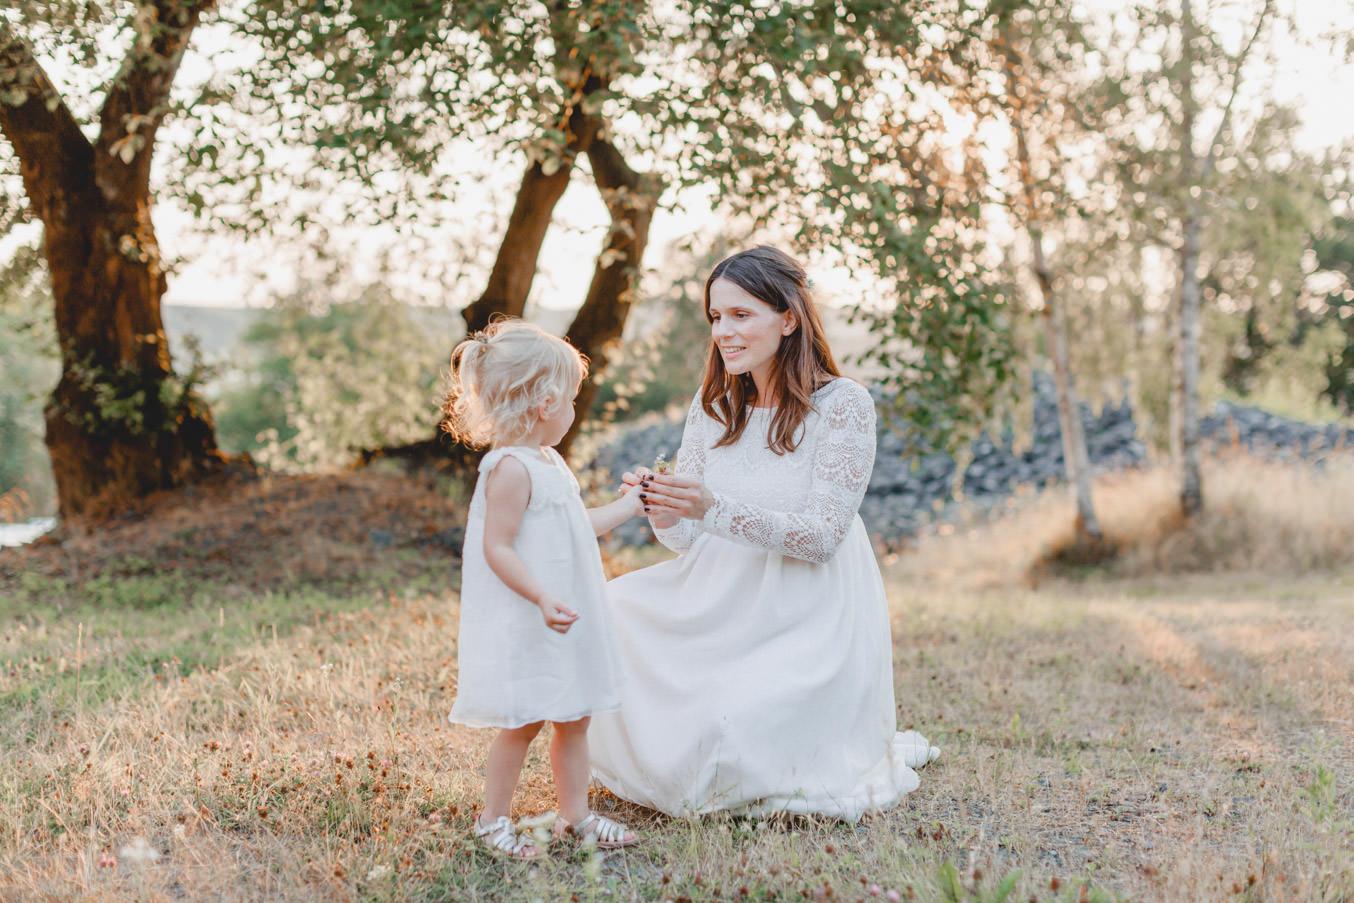 Hochzeitsvideo_Bina_Terre_203756